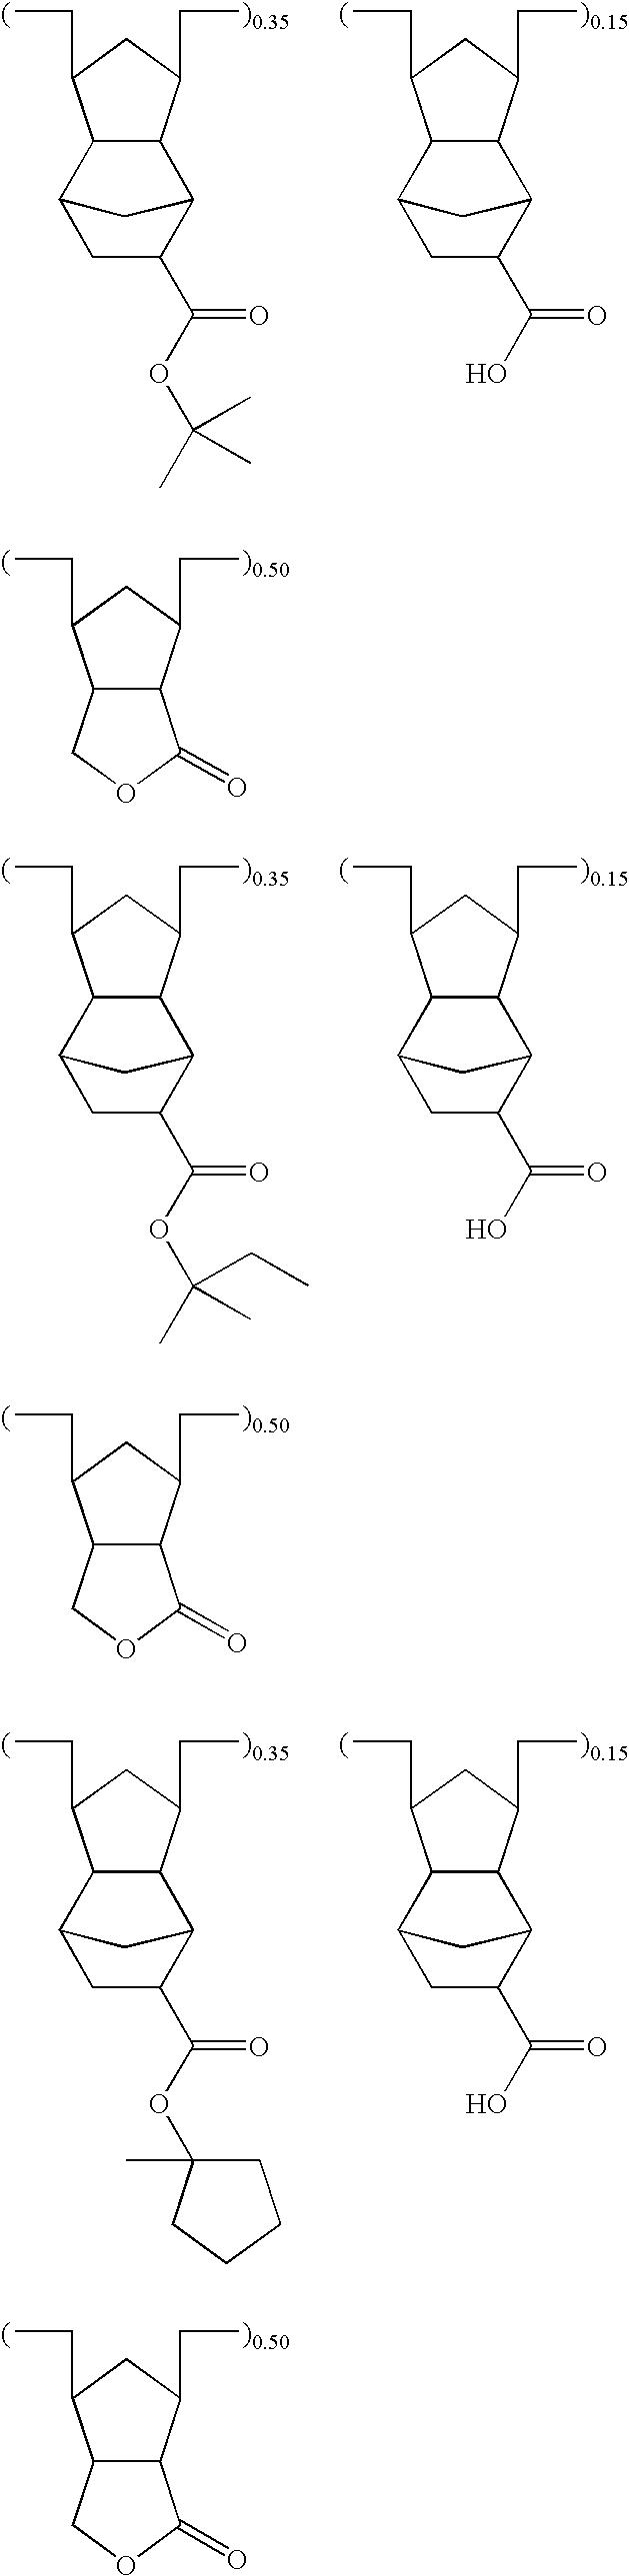 Figure US07569326-20090804-C00052